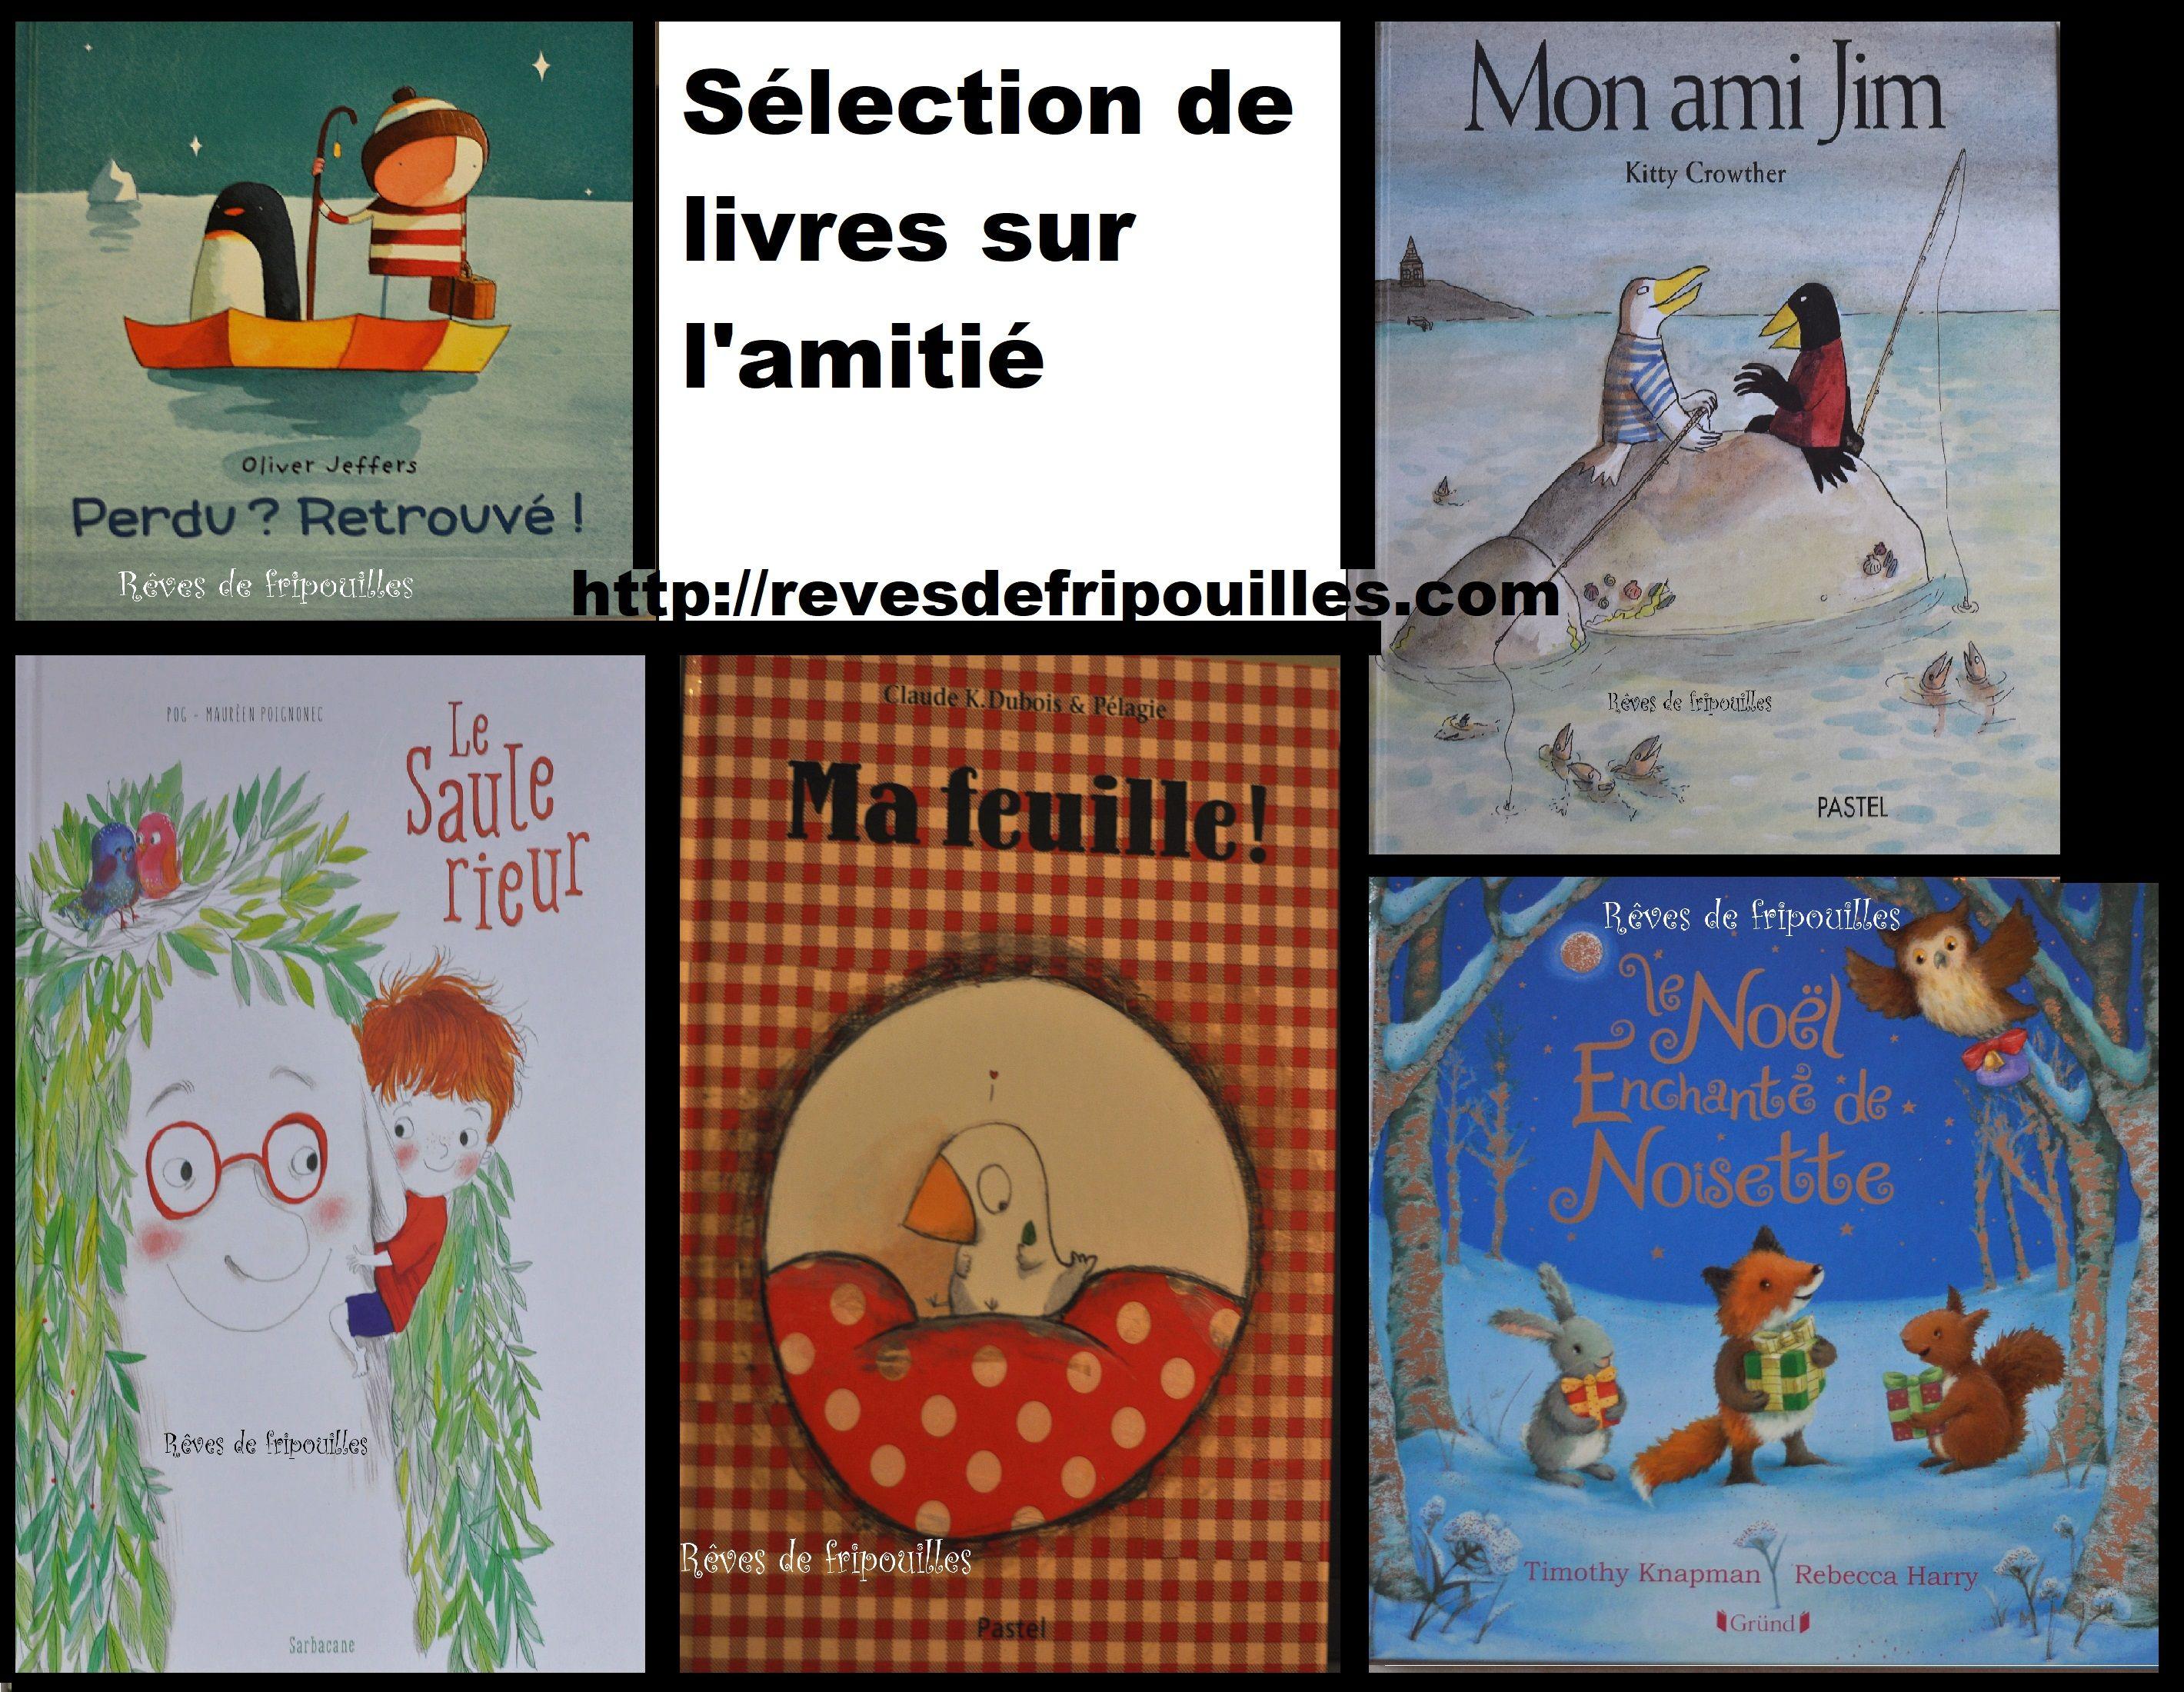 Retrouvez Ma Selection De Livres Sur L Amitie Sur Le Blog Http Revesdefripouilles Com Amitie Livres Livresenfants Litte Livre Amitie Litterature Jeunesse